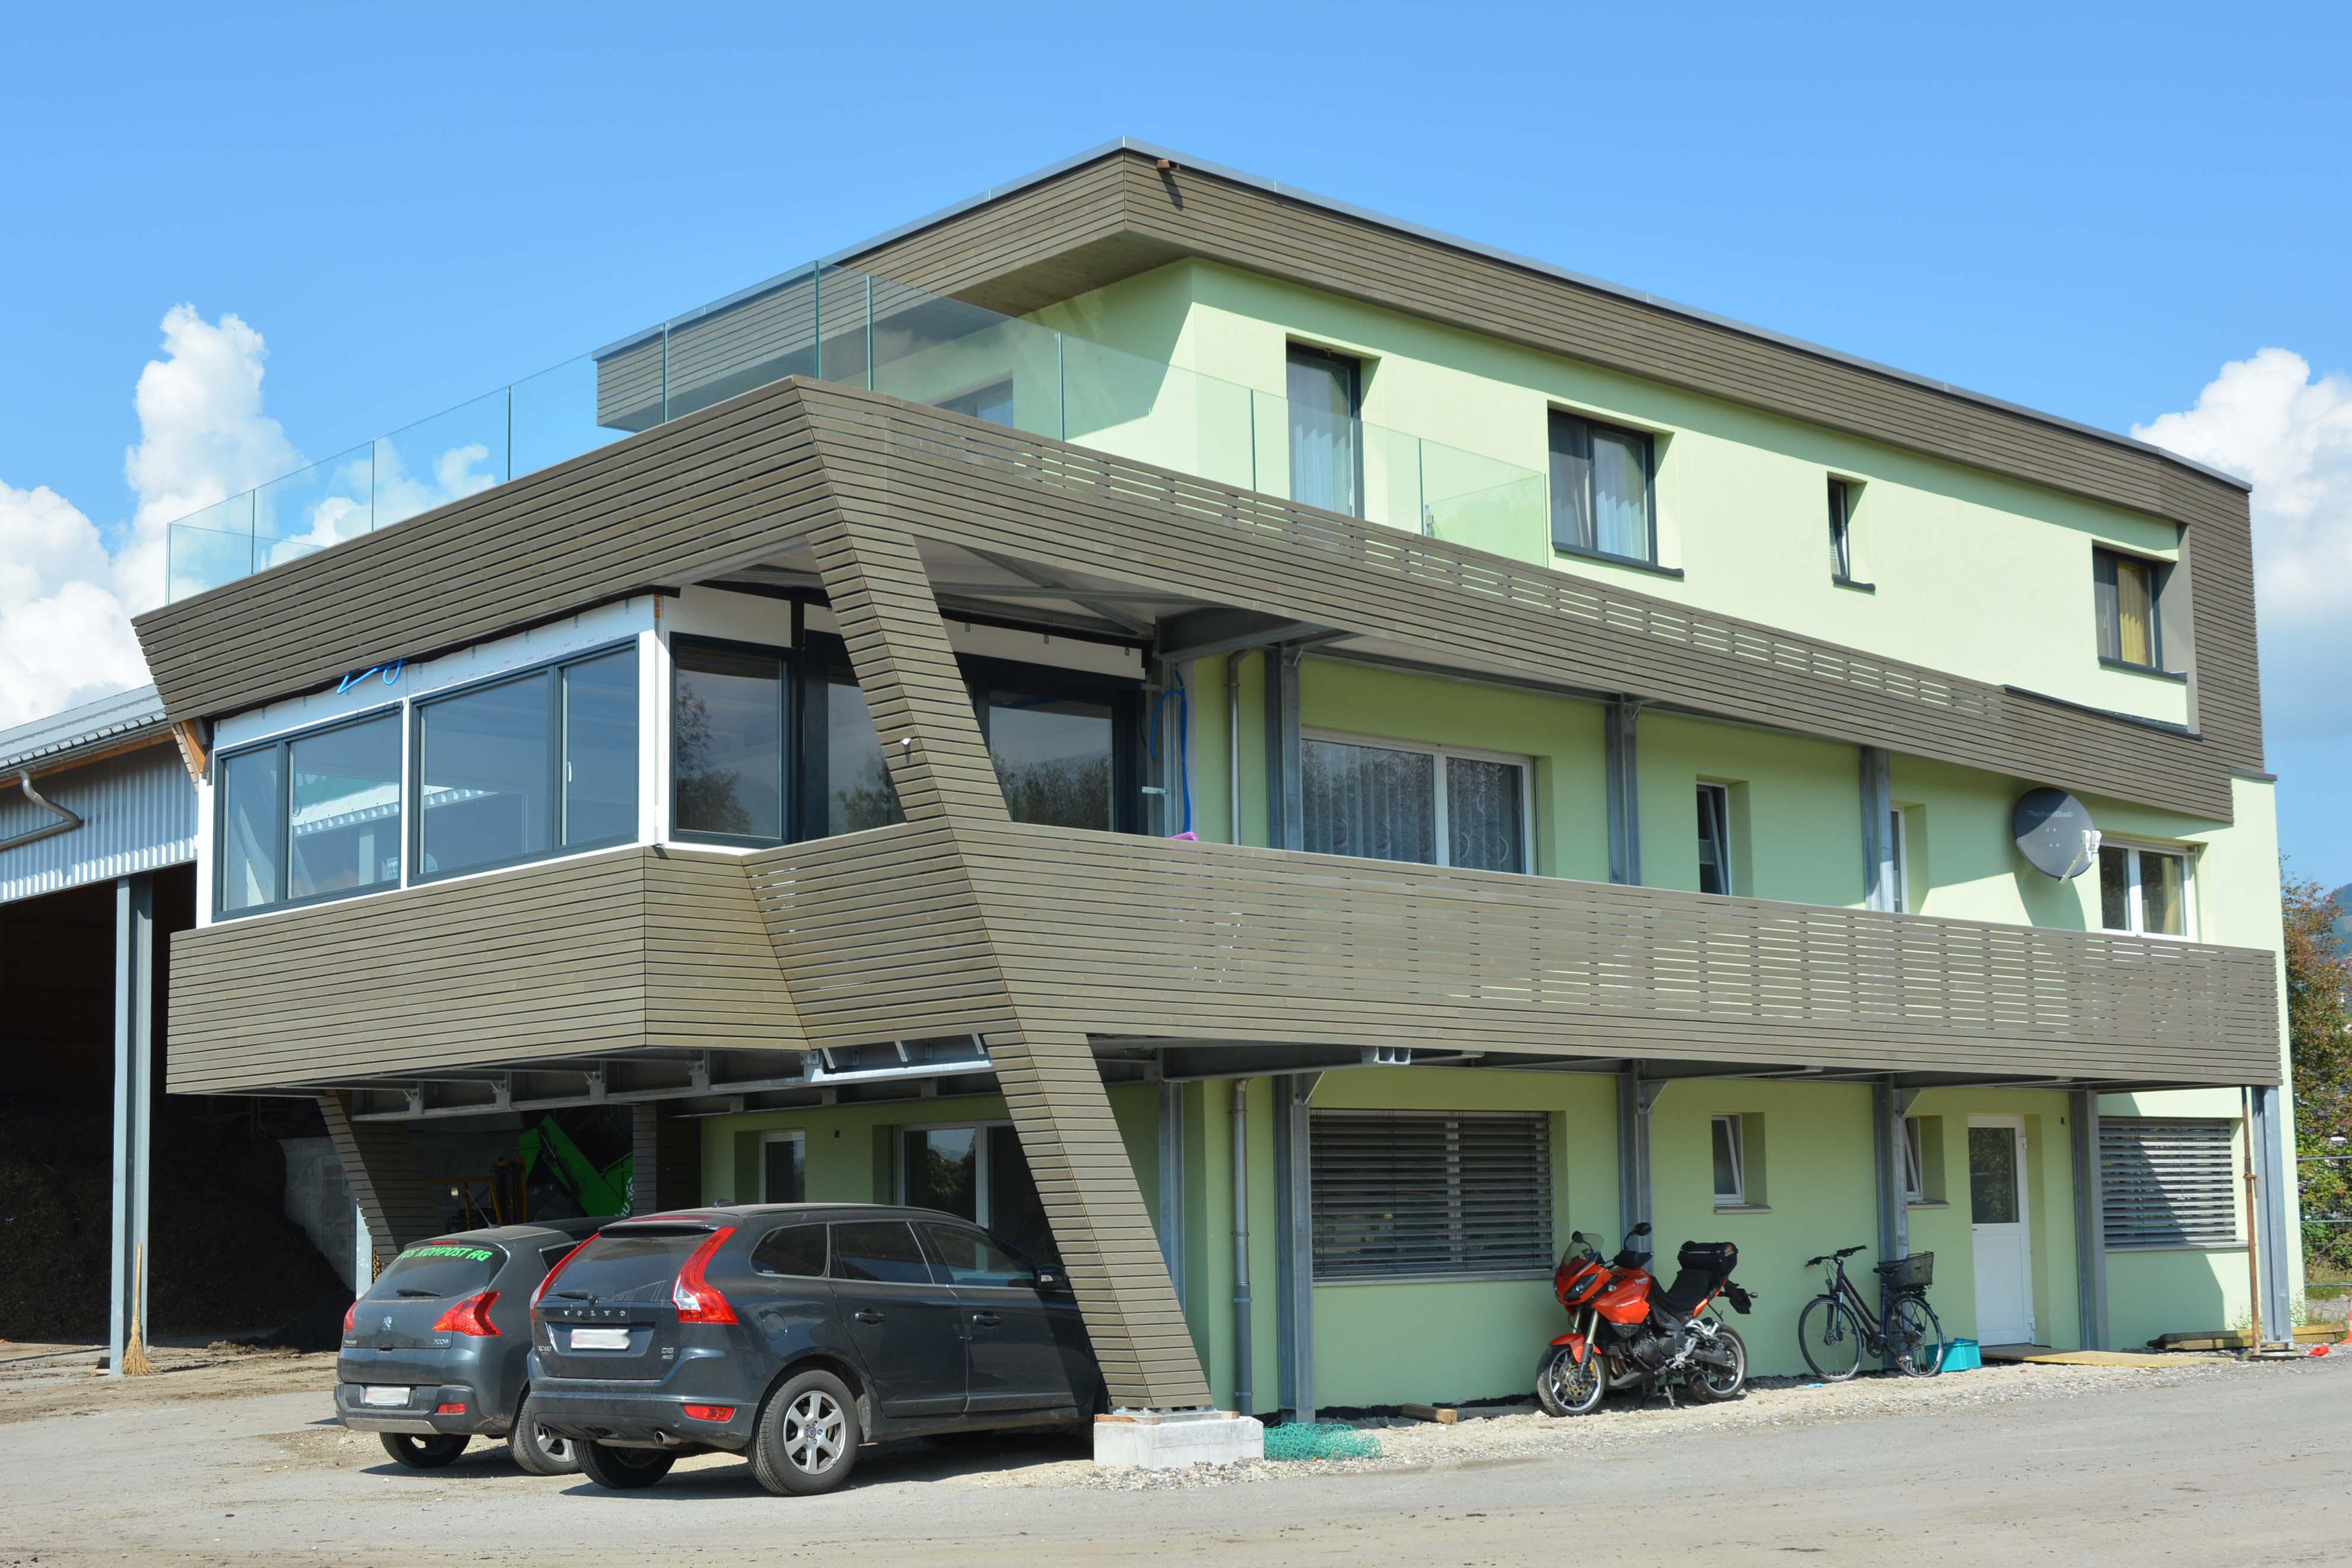 Industriebau mit Wohnung Kompostieranlage Industrie Privatwohnung Kaltbrunn Planung Bauleitung Ronner Architektur Holz Moderne modern zeitgenössisch